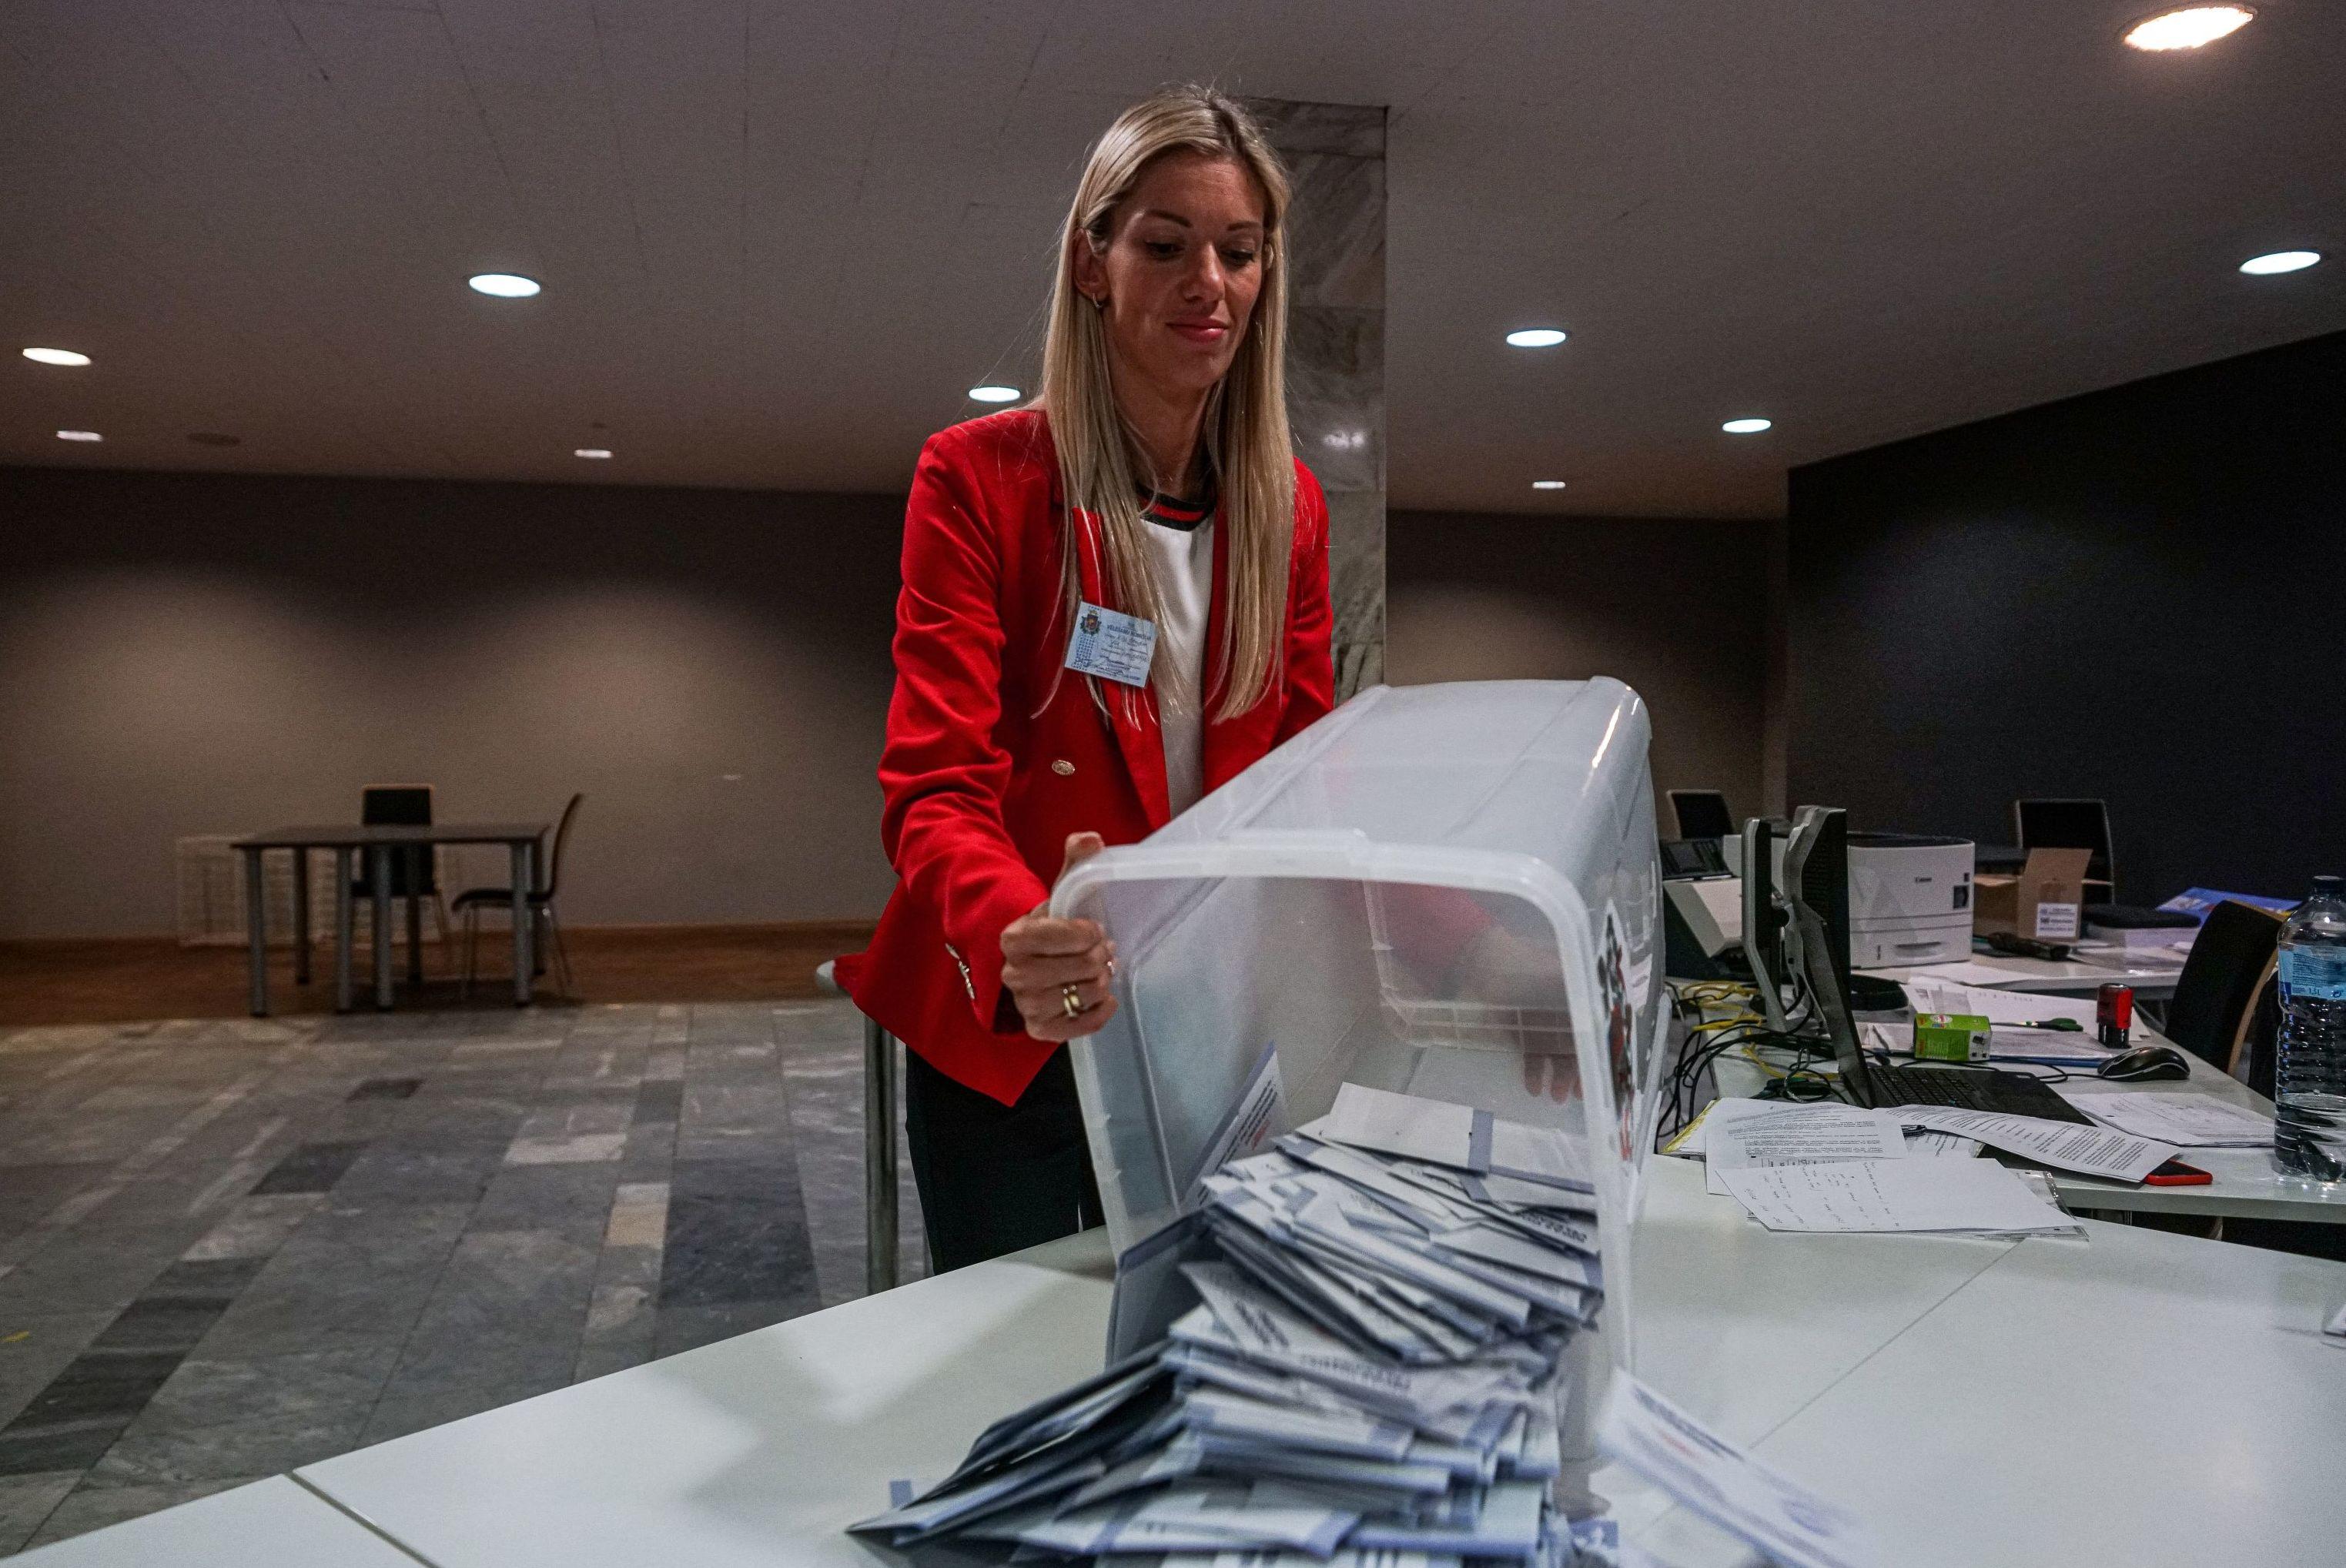 Подсчет голосов на выборах в городскую думу Риги, 29 августа 2020